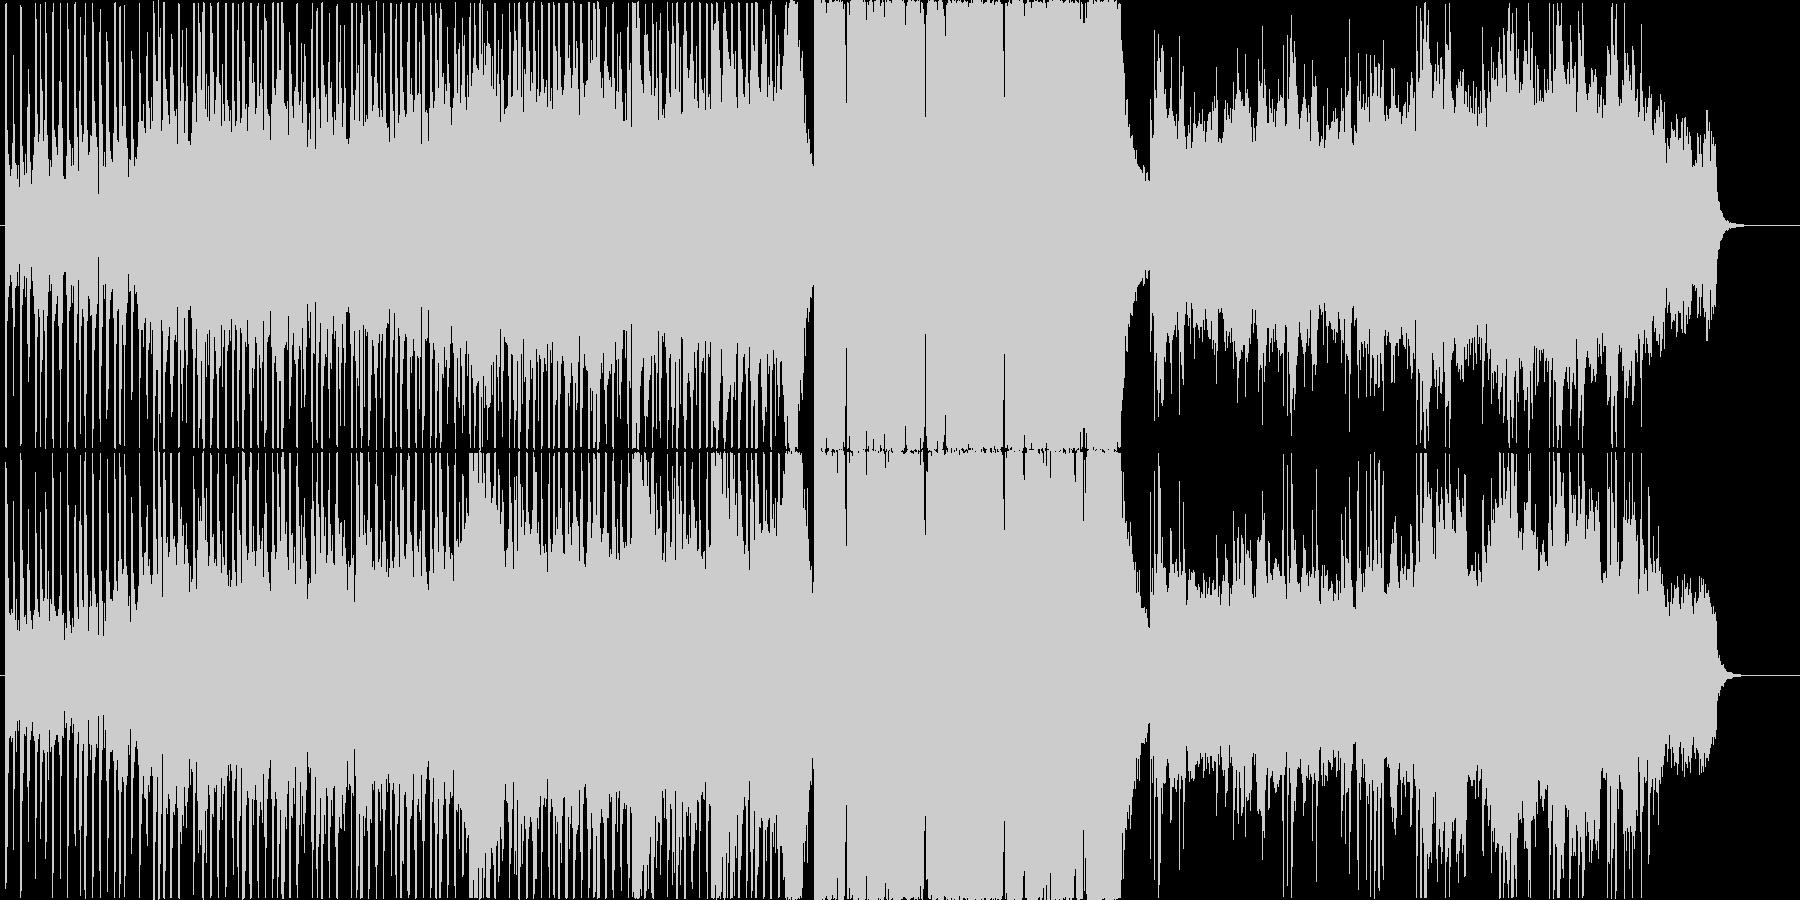 映画の戦闘シーンのイメージの未再生の波形